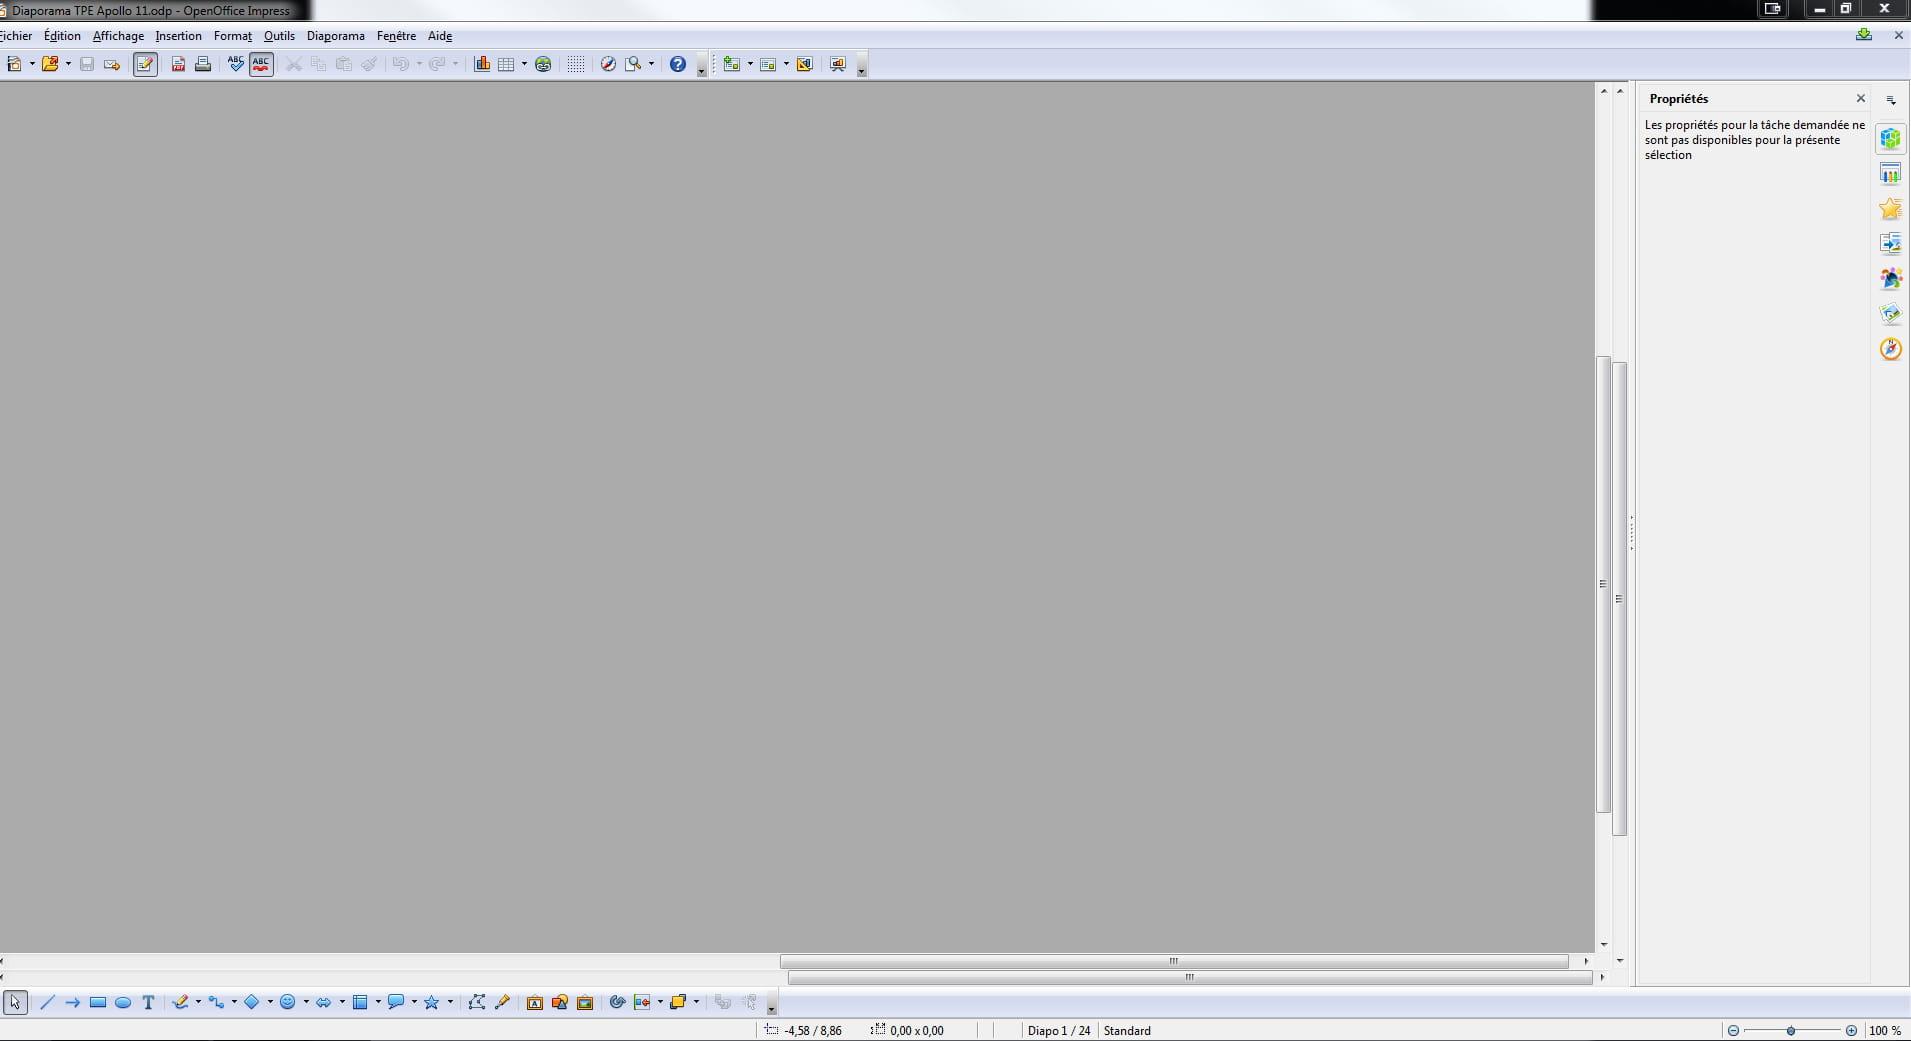 Un bug tr s genant d 39 impress forum libreoffice - Telechargement open office gratuitement ...